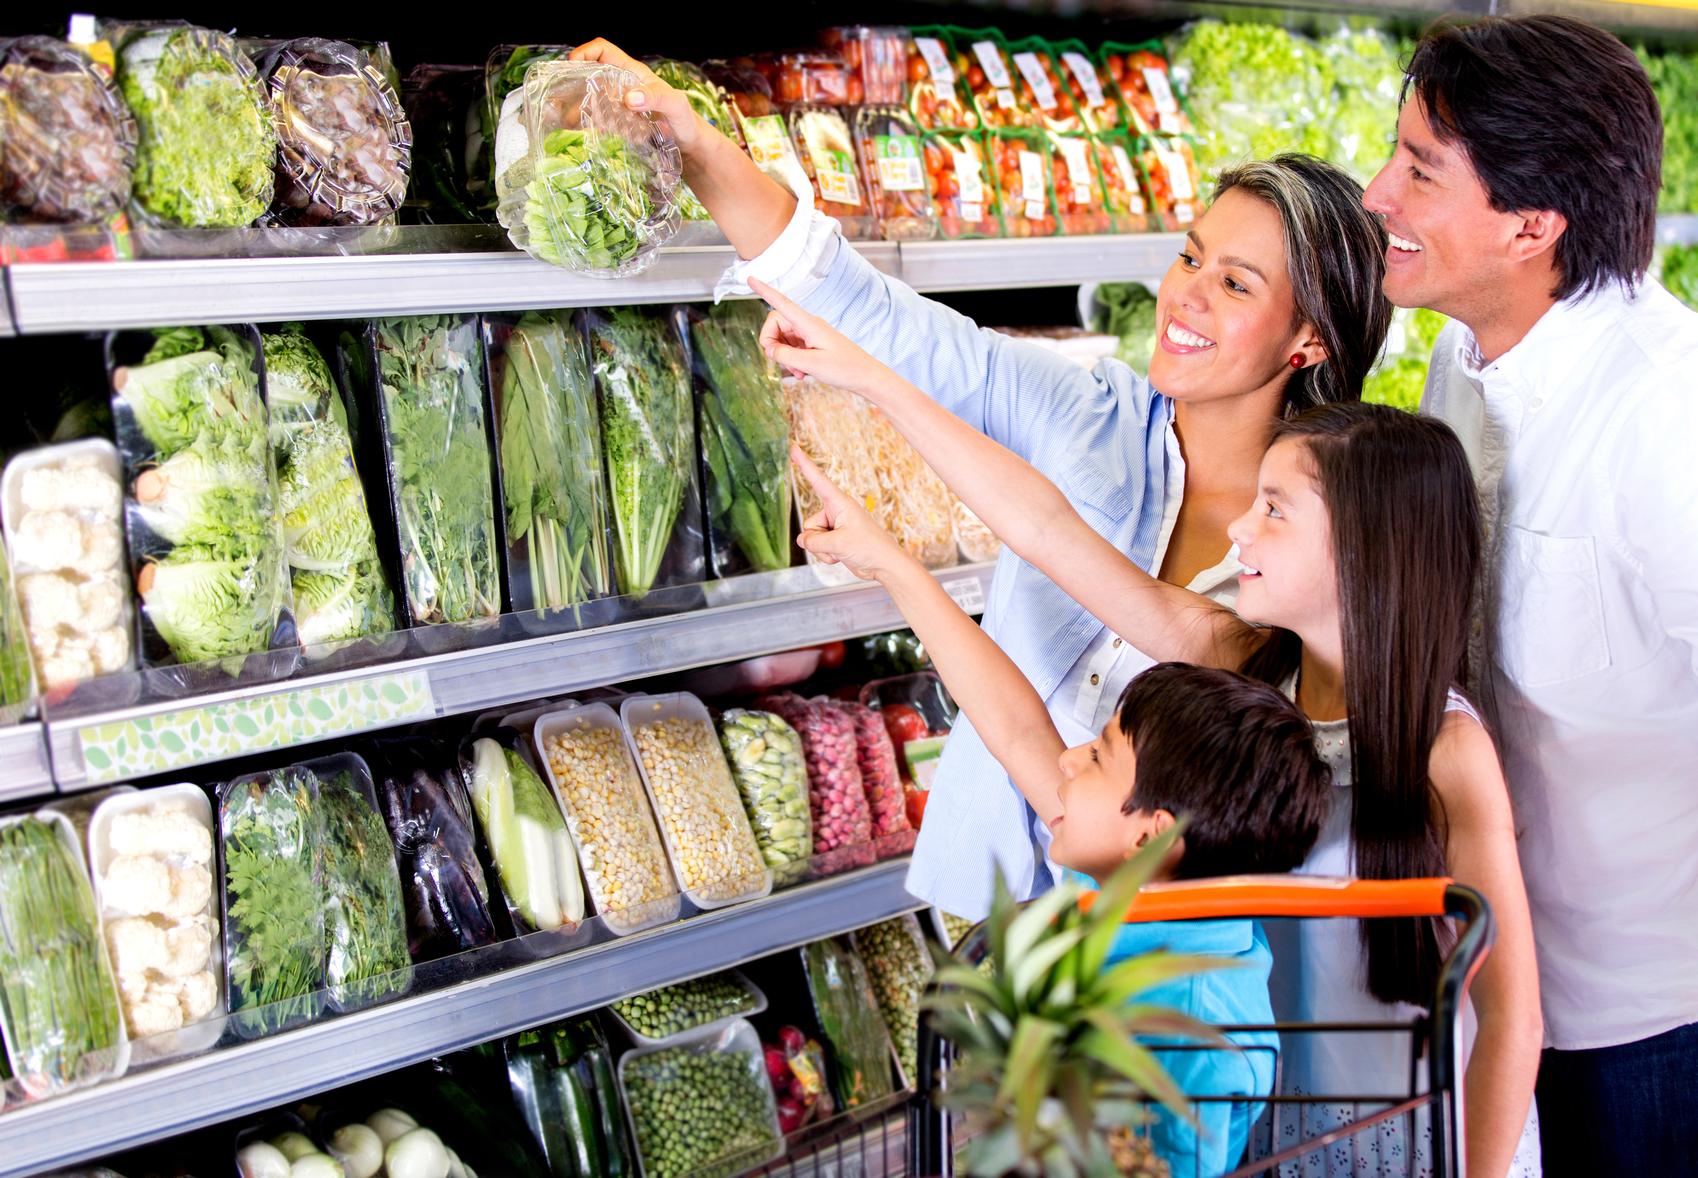 принципы раздельного питания для похудения таблица